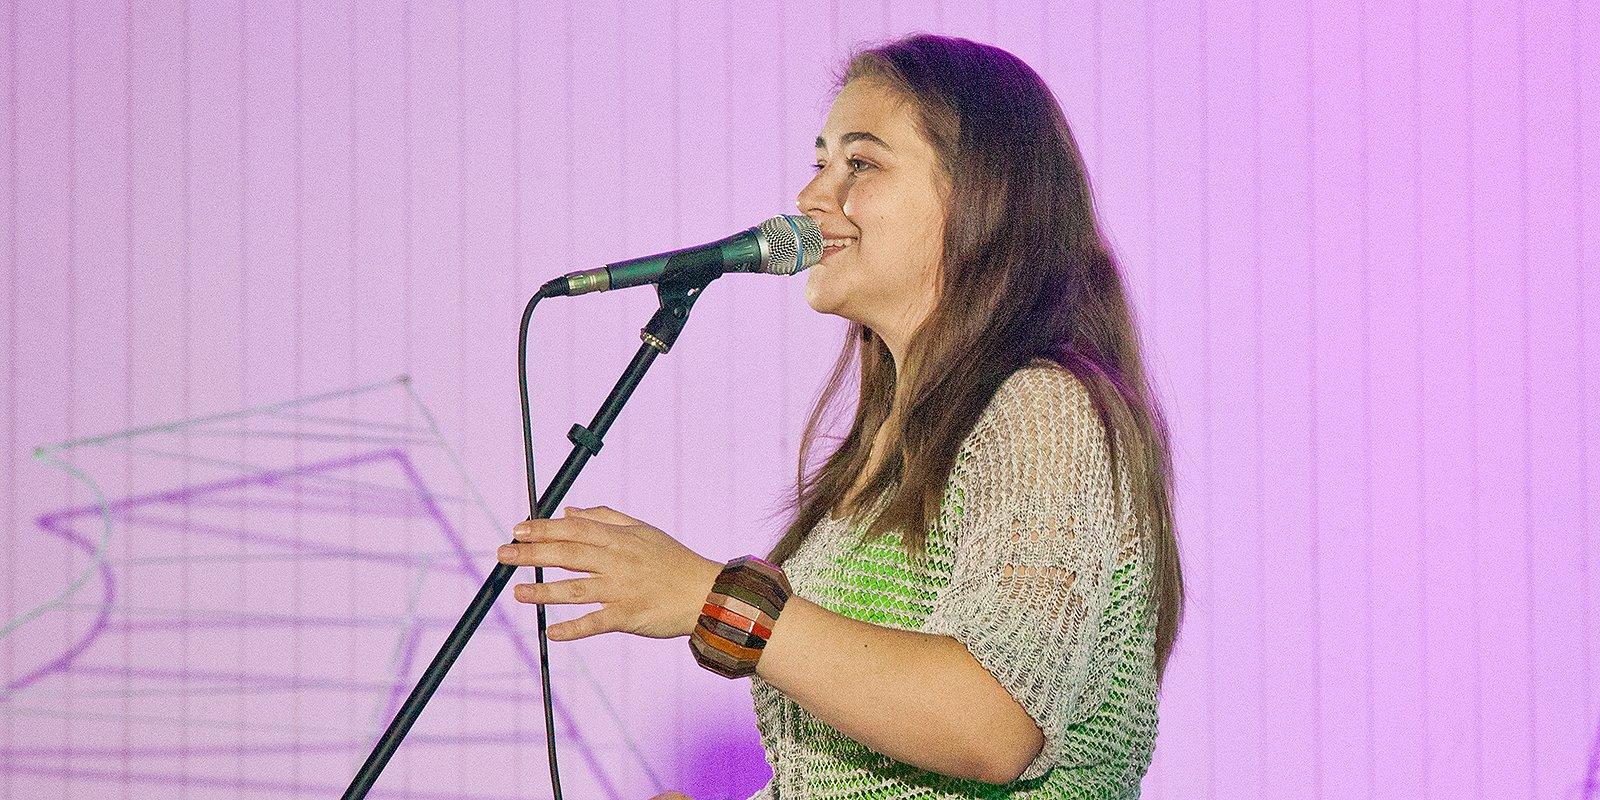 44 культурных центра столичного Департамента культуры приготовили большую программу ко Дню молодежи